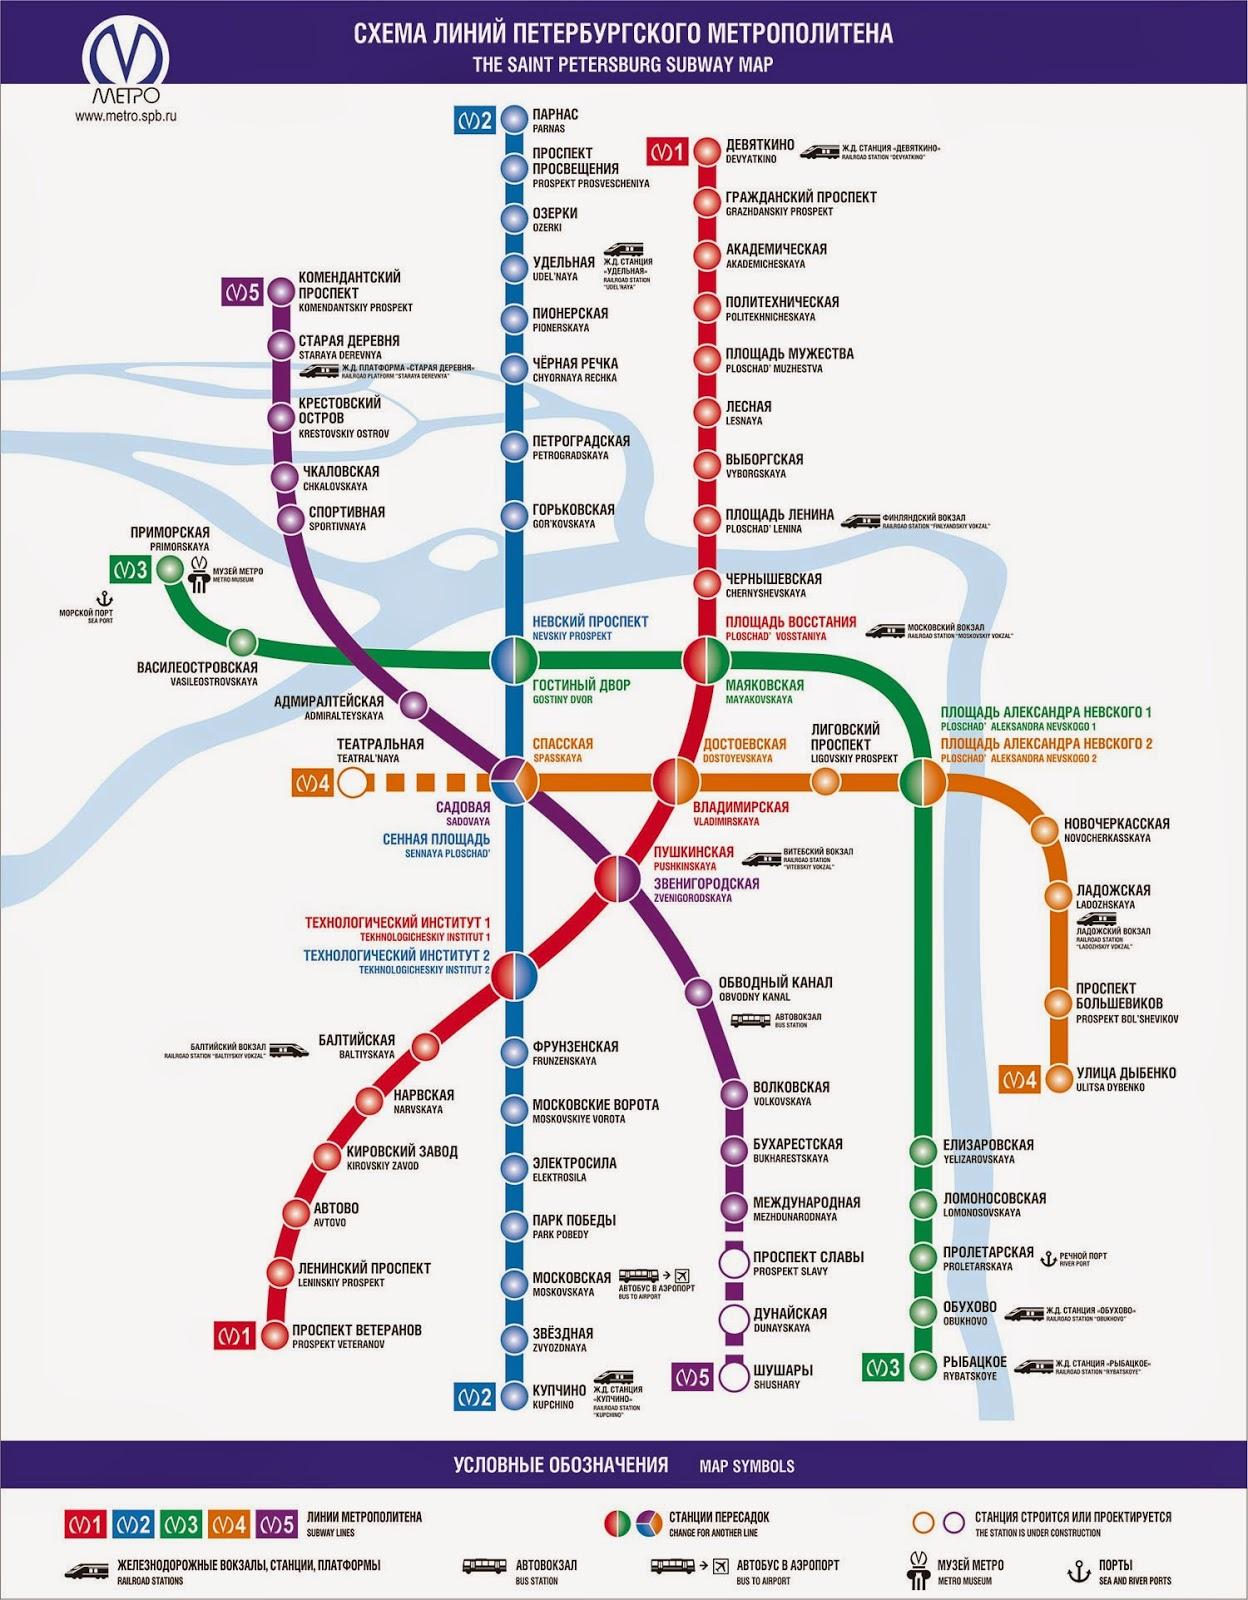 метро - костяк города